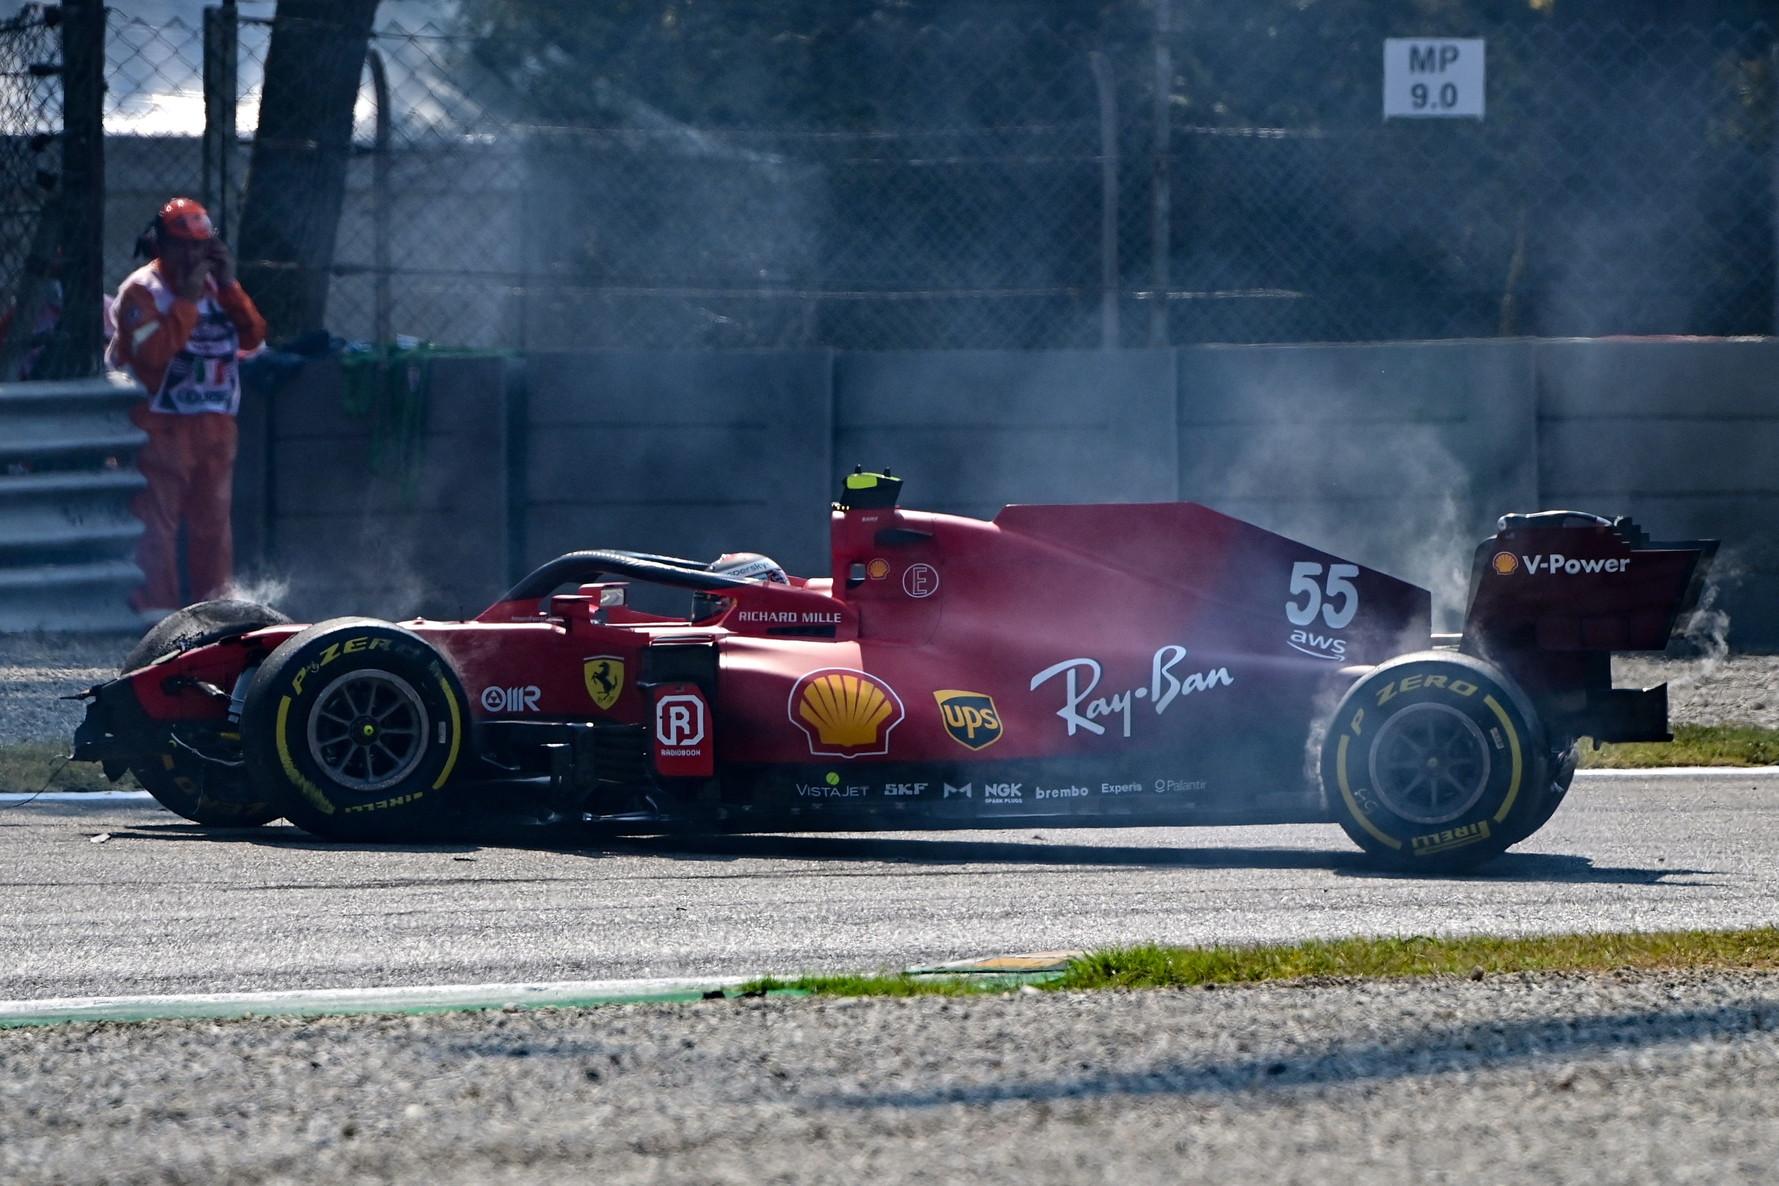 """<p style=""""text-align: justify;"""">Inizia col botto il sabato della Ferrari a Monza. La Rossa di Carlos Sainz &egrave; infatti finita contro le barriere all&#39;ingresso della variante Ascari durante la seconda sessione di prove libere del weekend, quella che anticipa la Sprint Race del pomeriggio. Lo schianto frontale ha mandato in frantumi il musetto e tutta la parte anteriore della vettura: lo spagnolo, fortunatamente, &egrave; uscito illeso dall&#39;incidente e i meccanici sono riusciti a tempo di record a riparare la monoposto&nbsp;per la sessione pomeridiana.<br /><br />"""